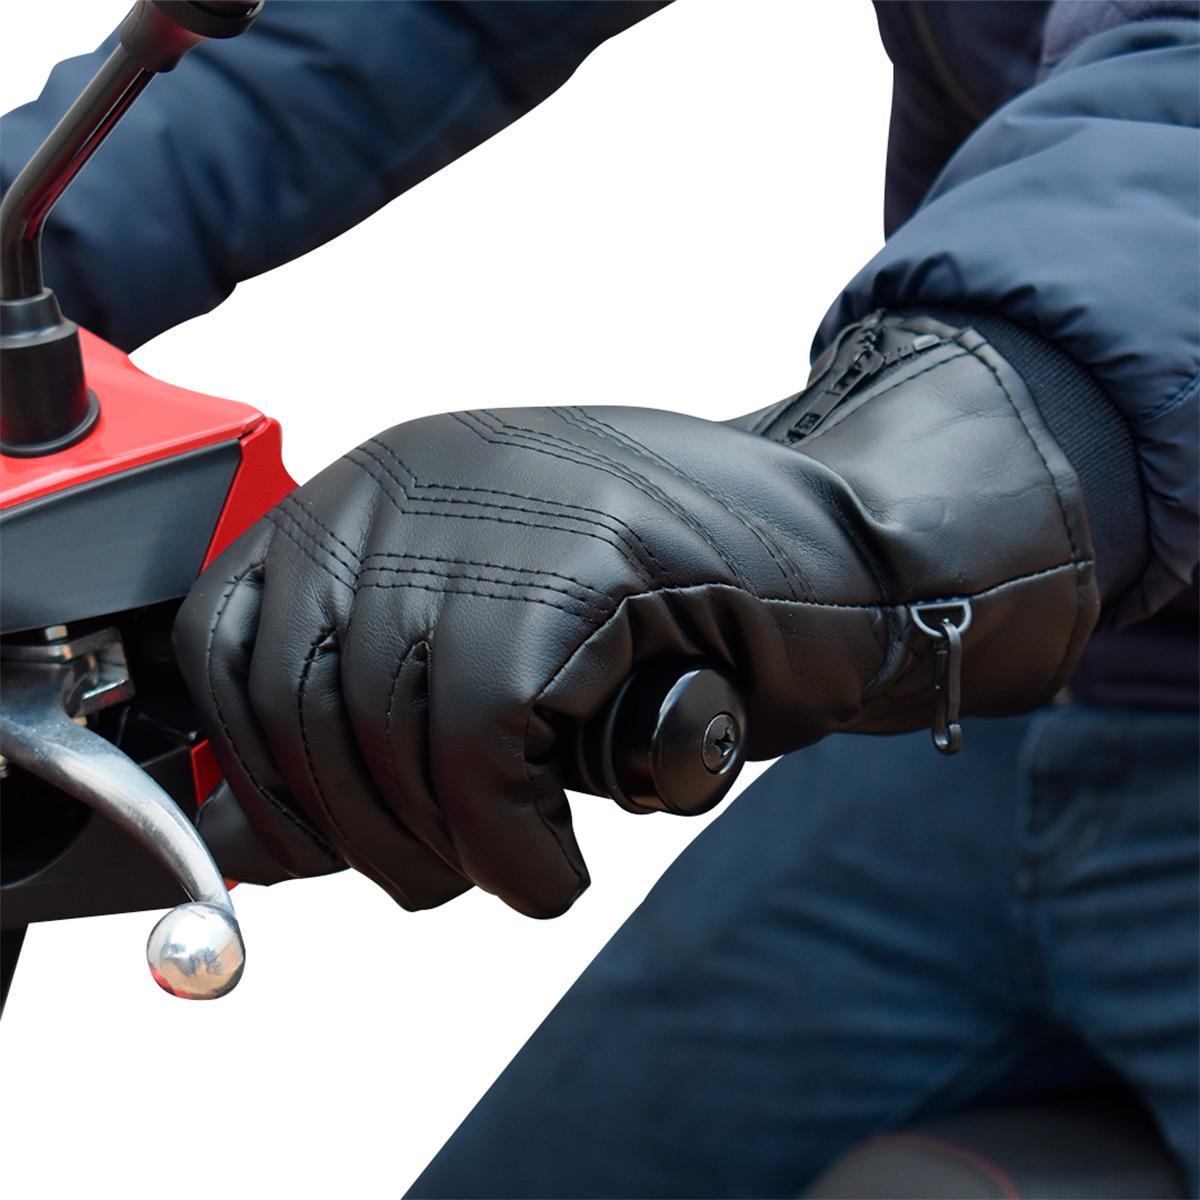 Luva de Motociclista Sintética Impermeável - Classe